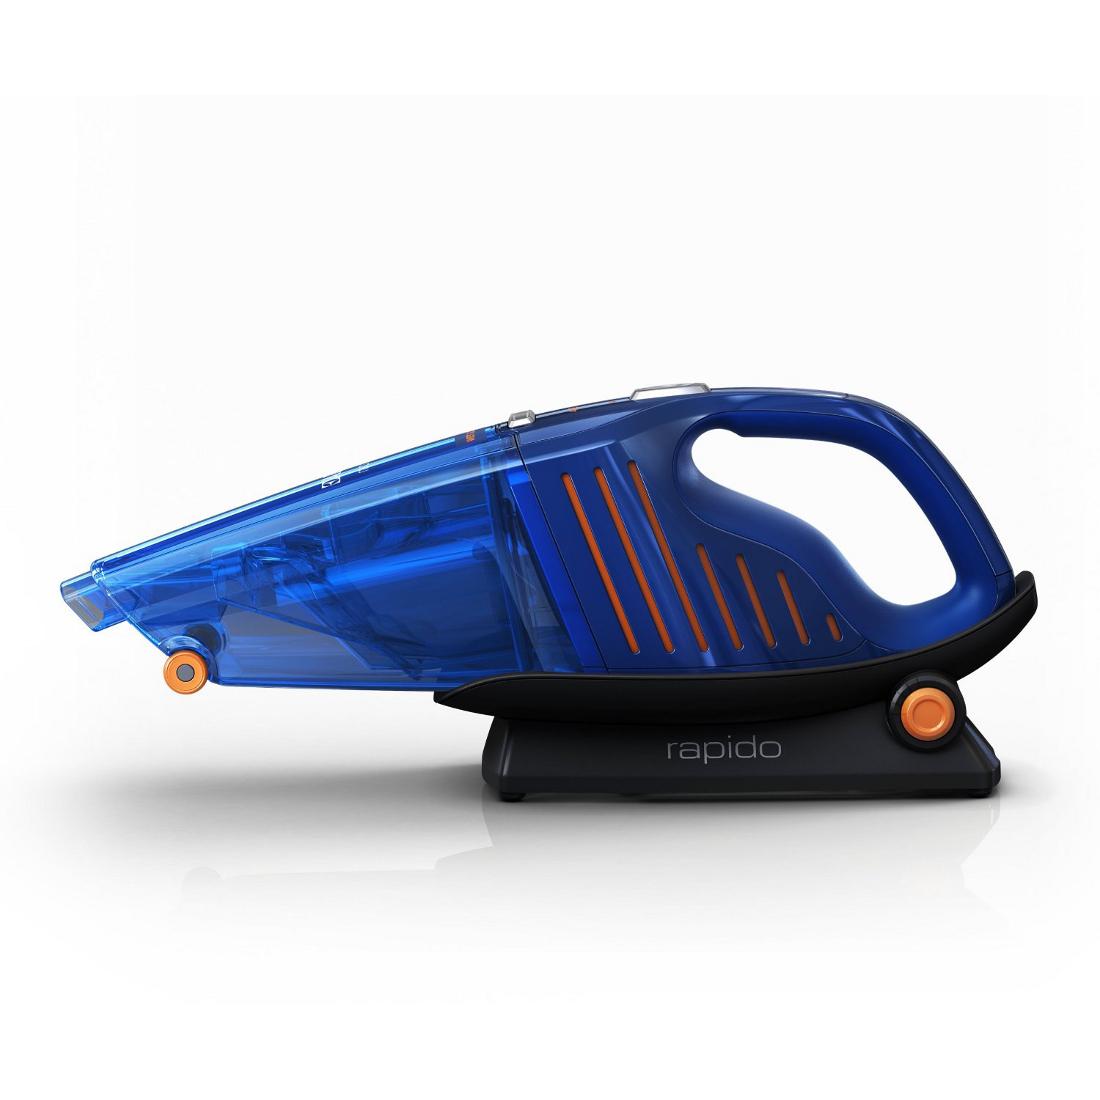 Aeg Ag5104wd 4 8v Rapido Wet Amp Dry Handheld Cleaner Hughes